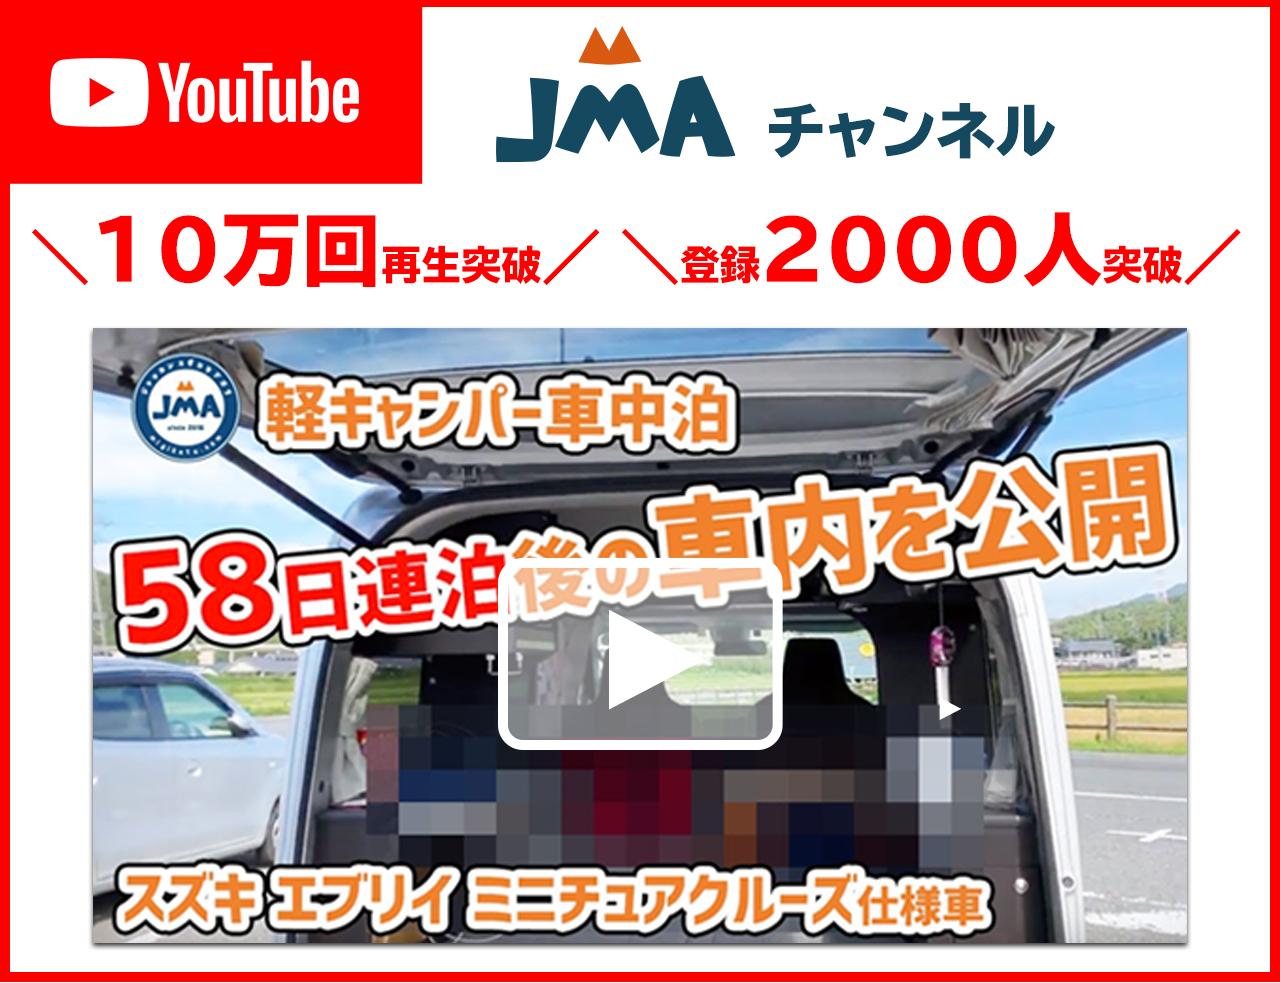 JMA Youtubeチャンネル